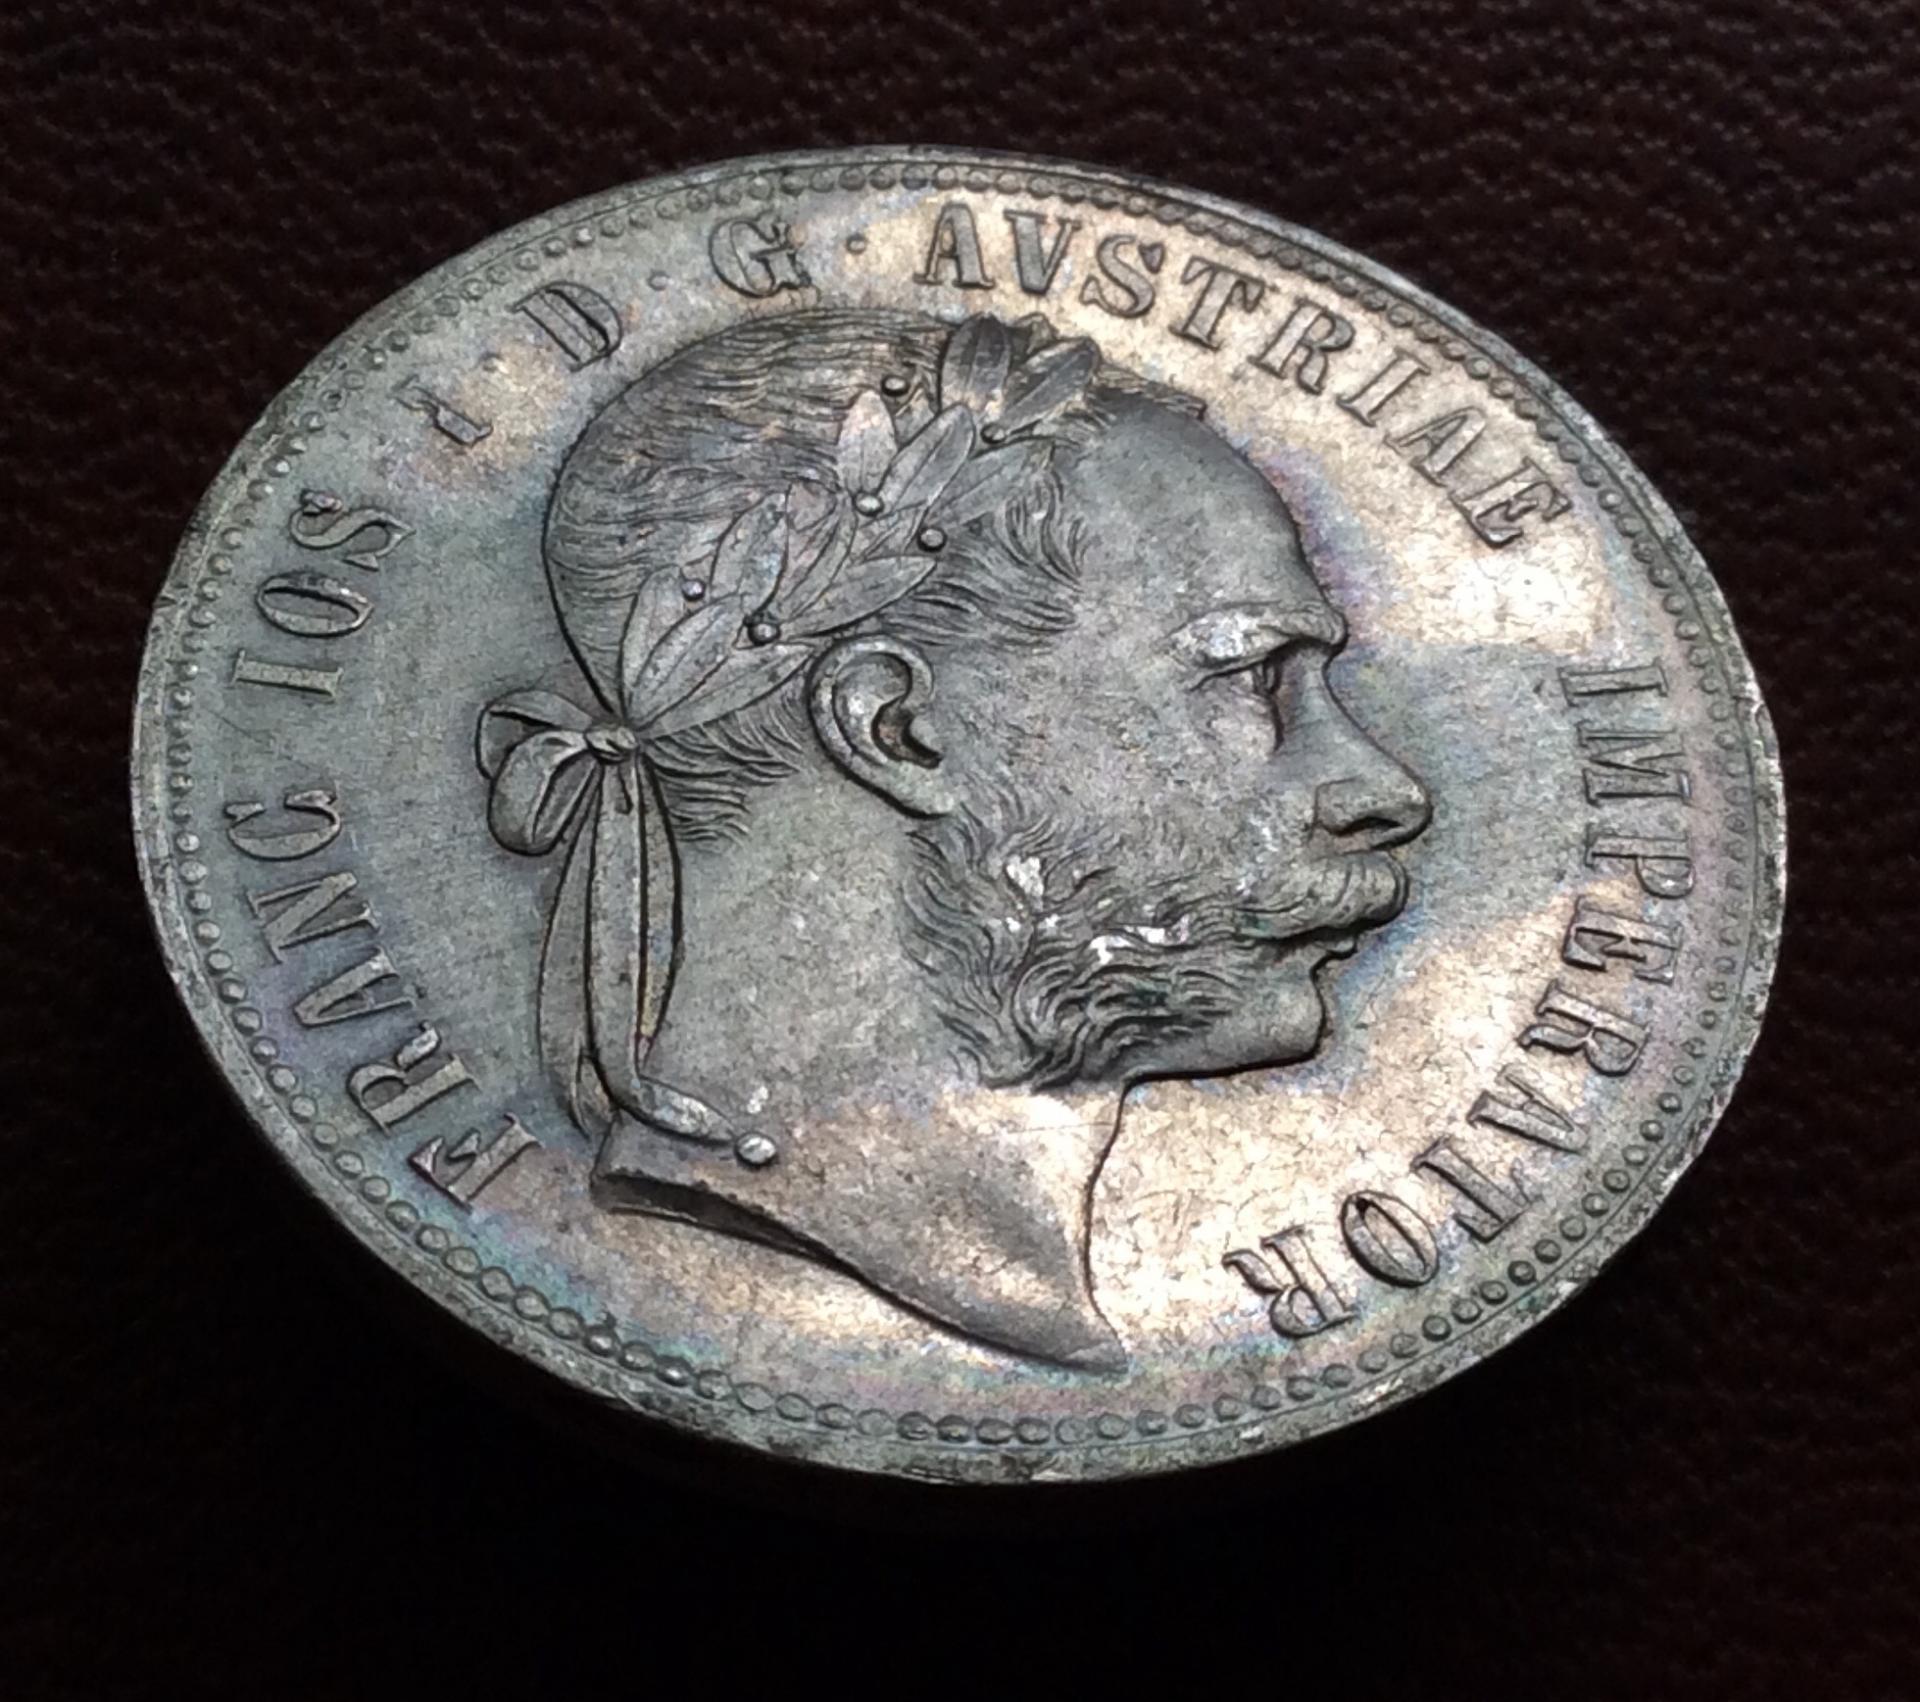 1 FLORÍN DE PLATA DE 1877 - FRANZ JOSEPH I - AUSTRIA - SIN CIRCULAR